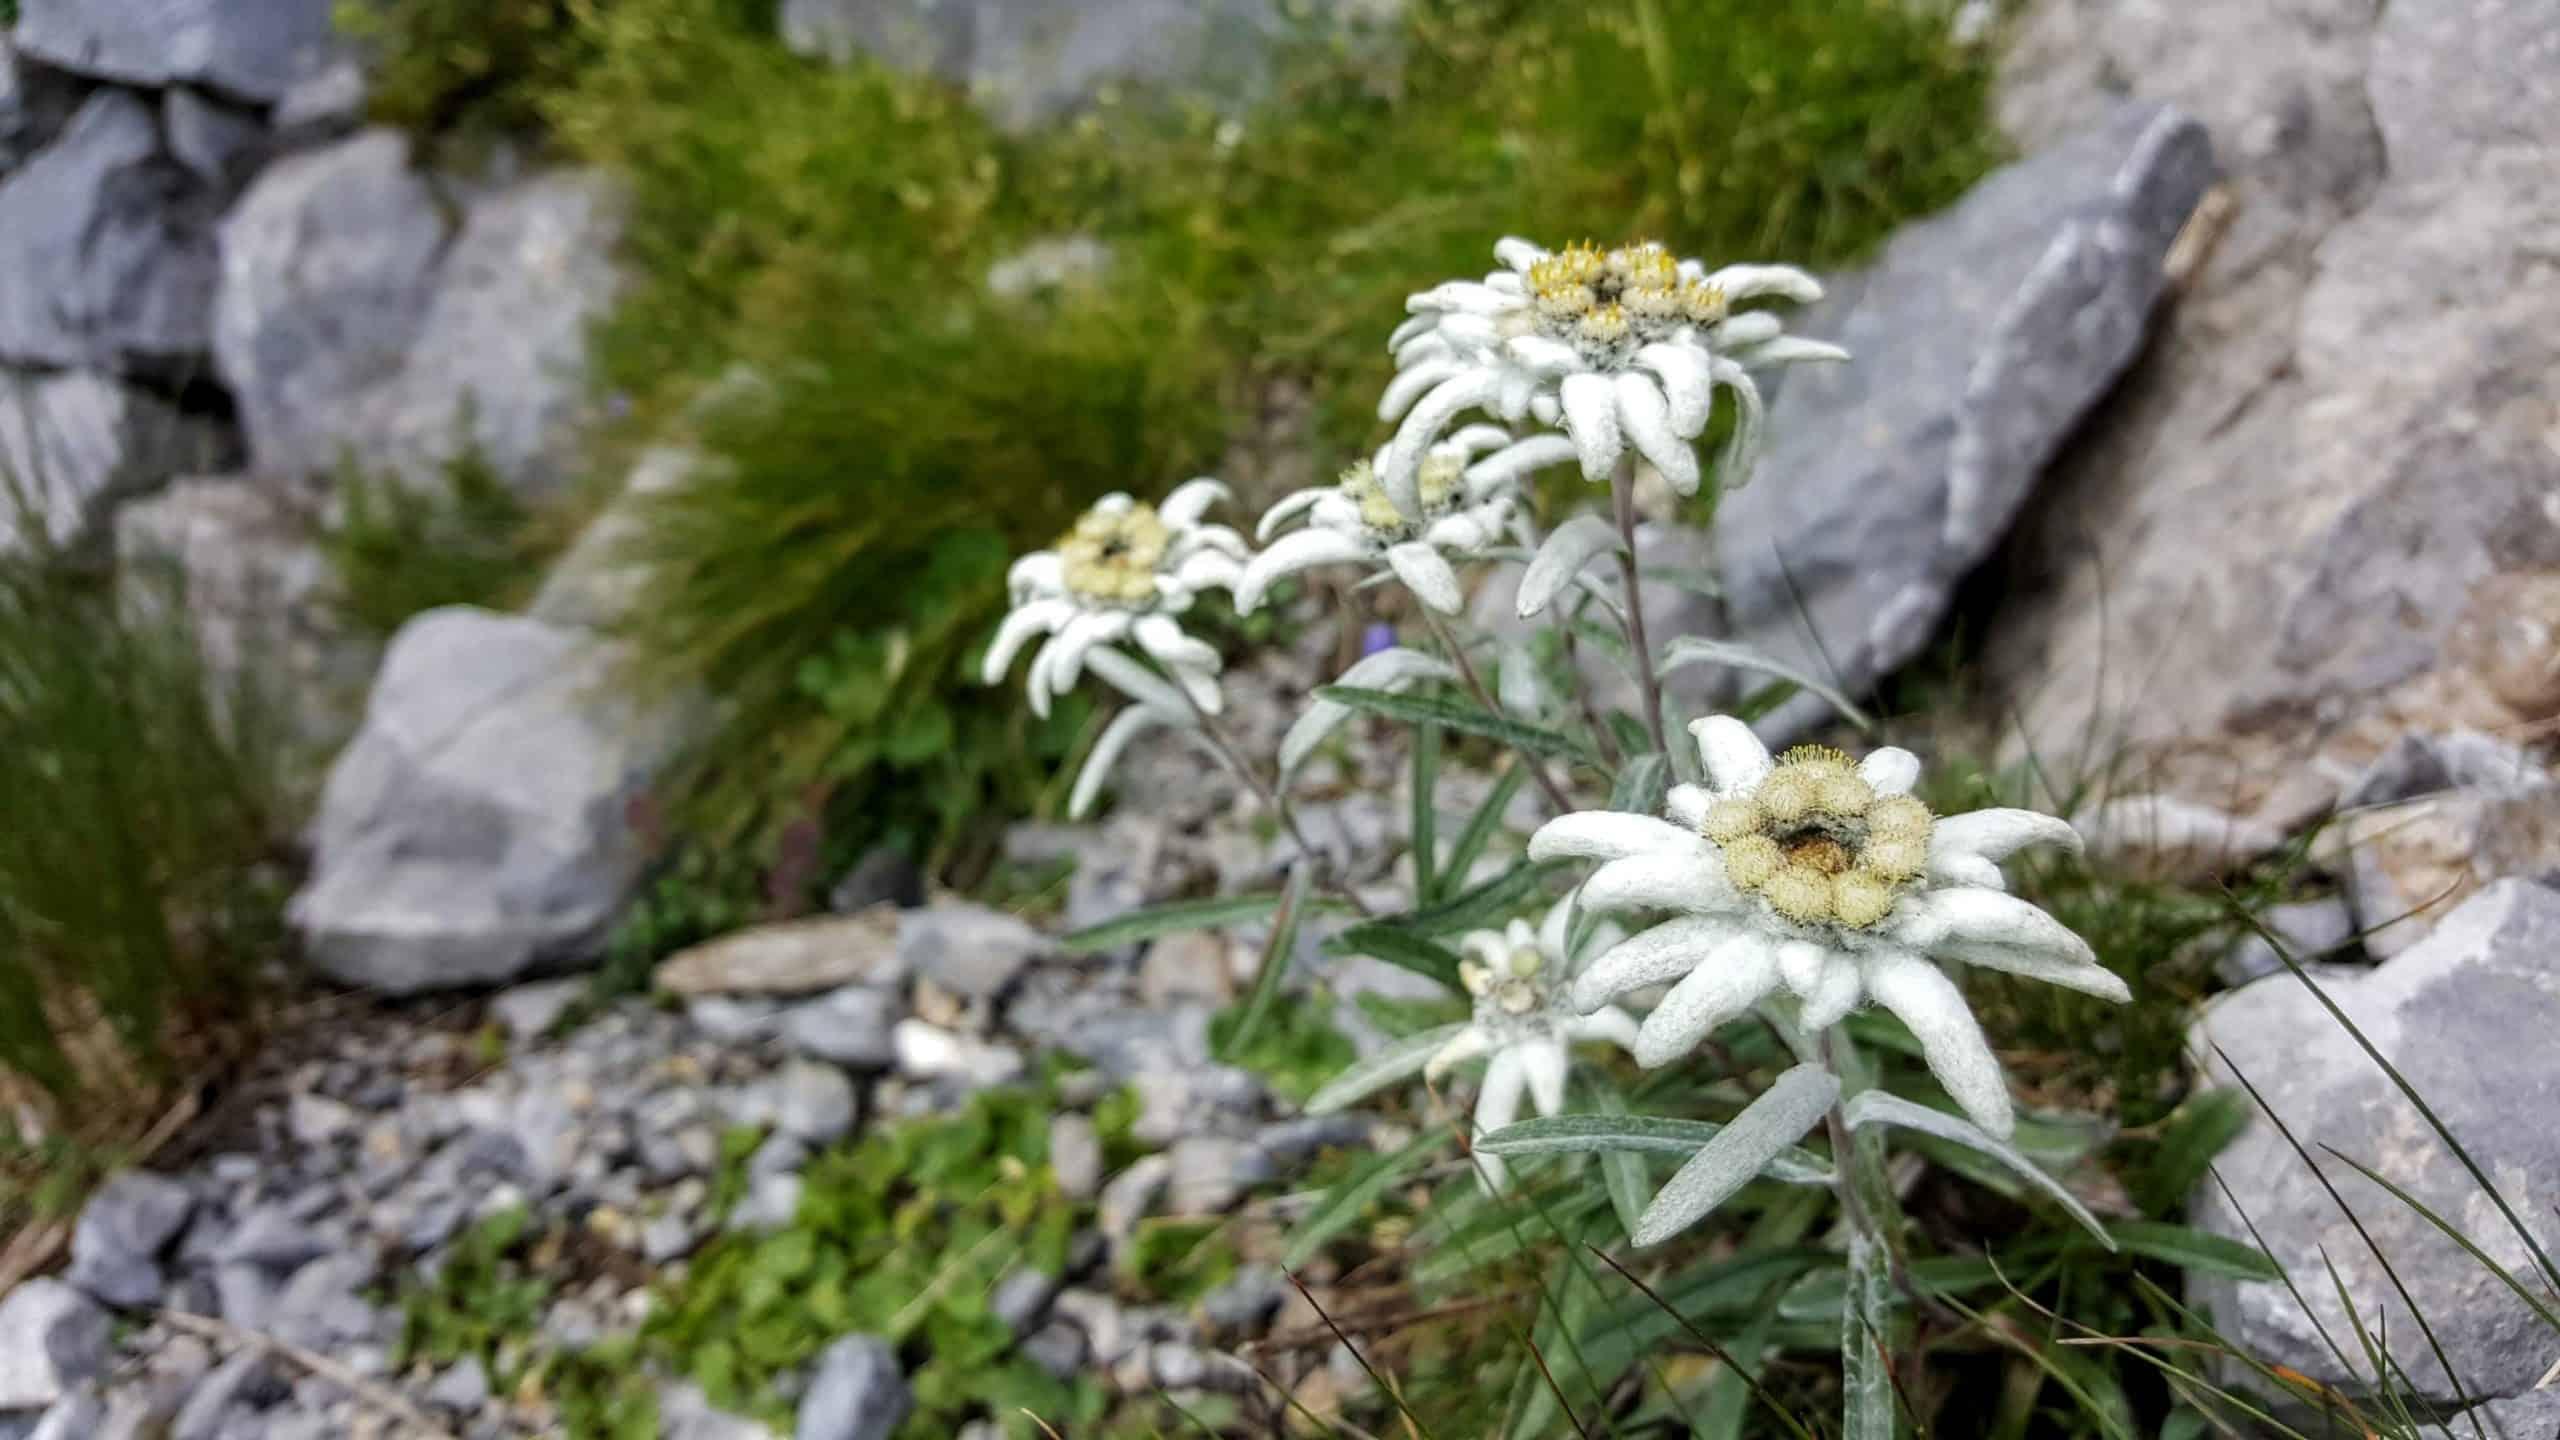 Edelweiß im Nationalpark Hohe Tauern Kärnten. Wandern, Natur & Urlaub in Österreich.